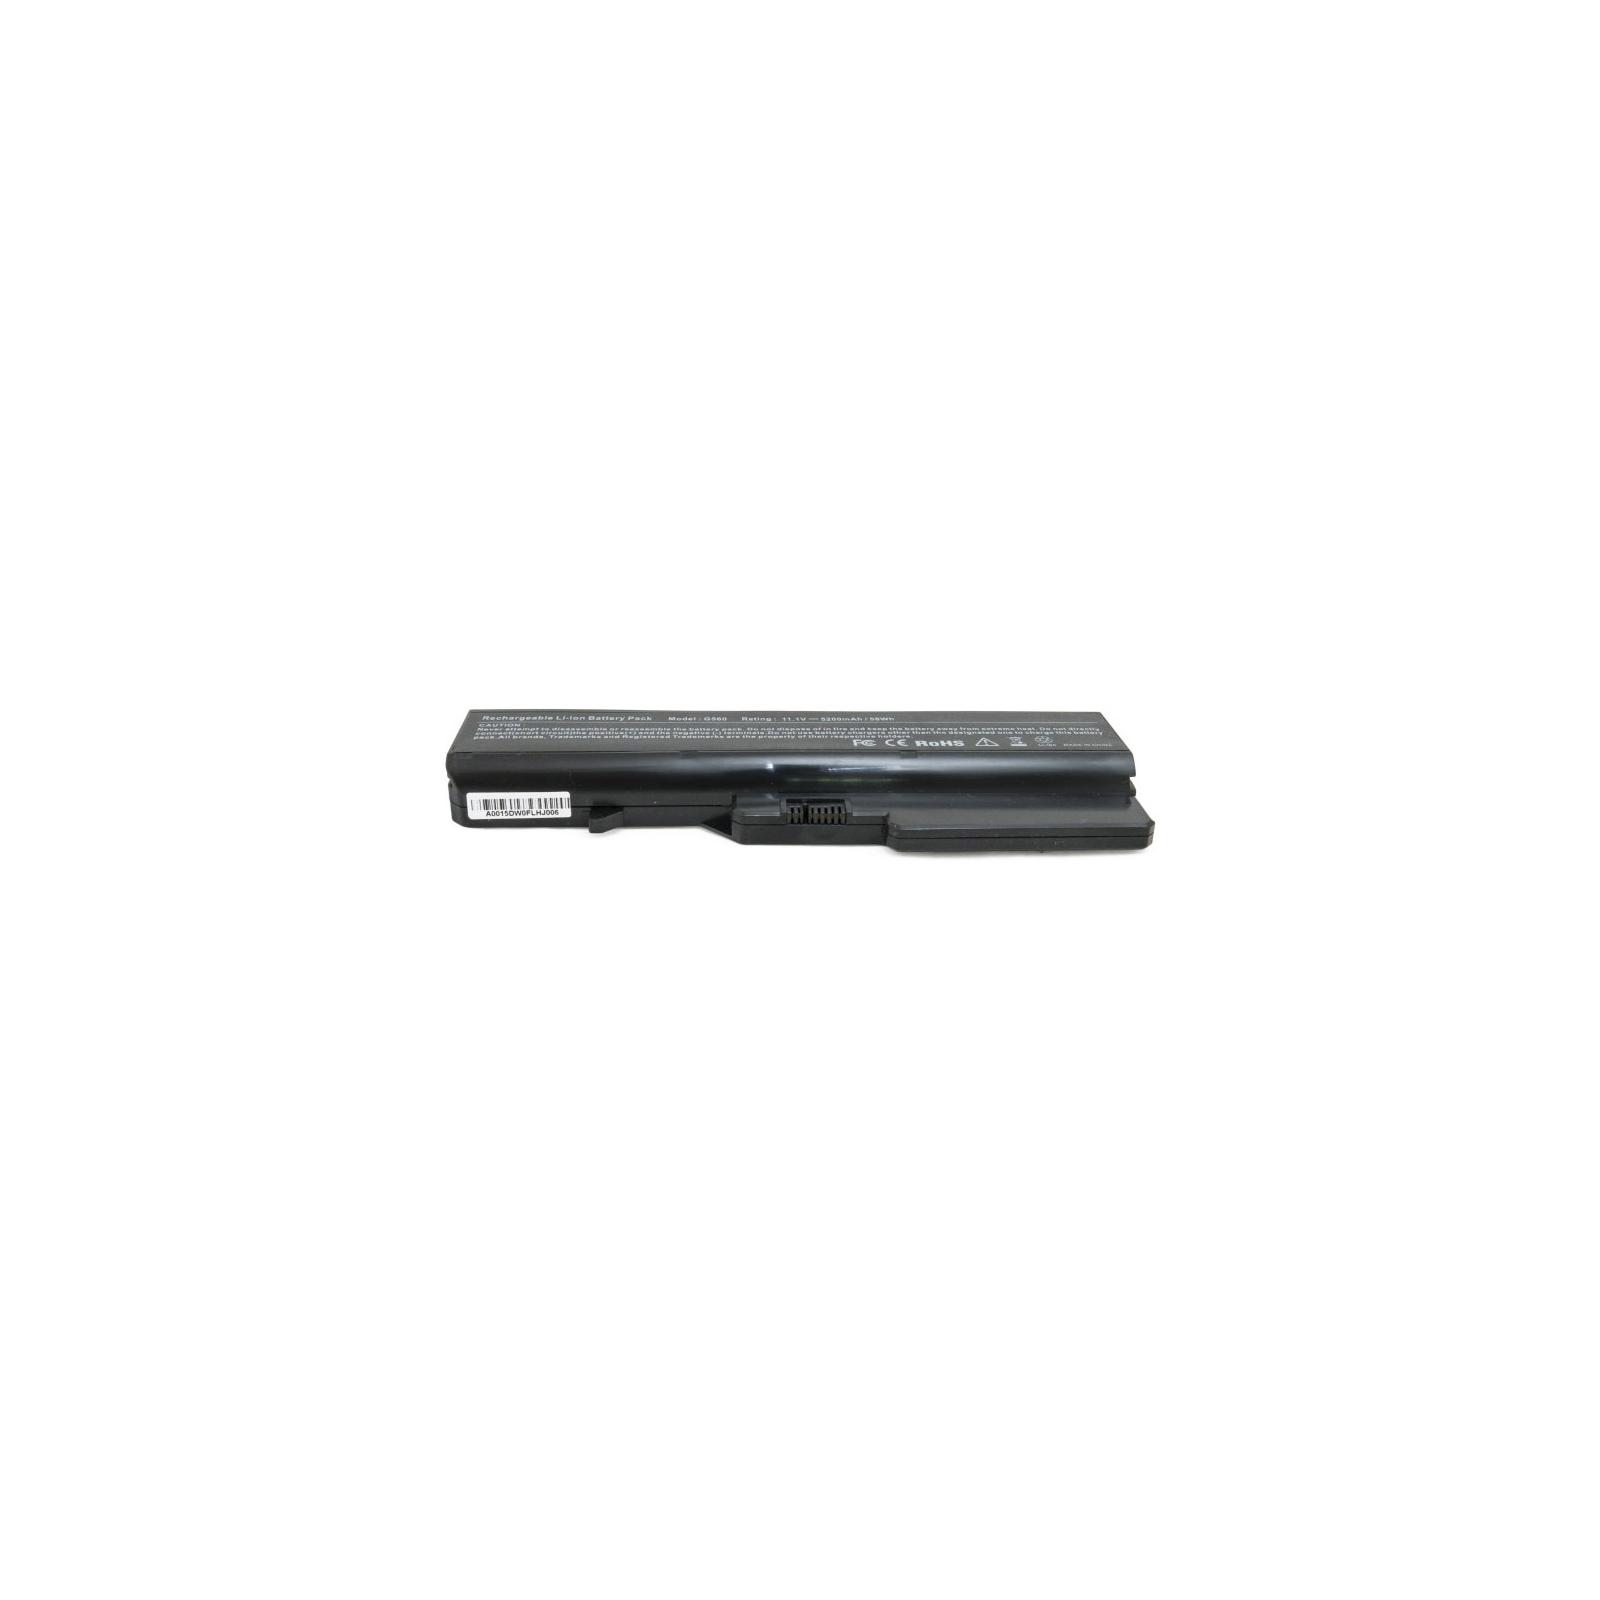 Аккумулятор для ноутбука Lenovo G560, 5200 mAh EXTRADIGITAL (BNL3954) изображение 4